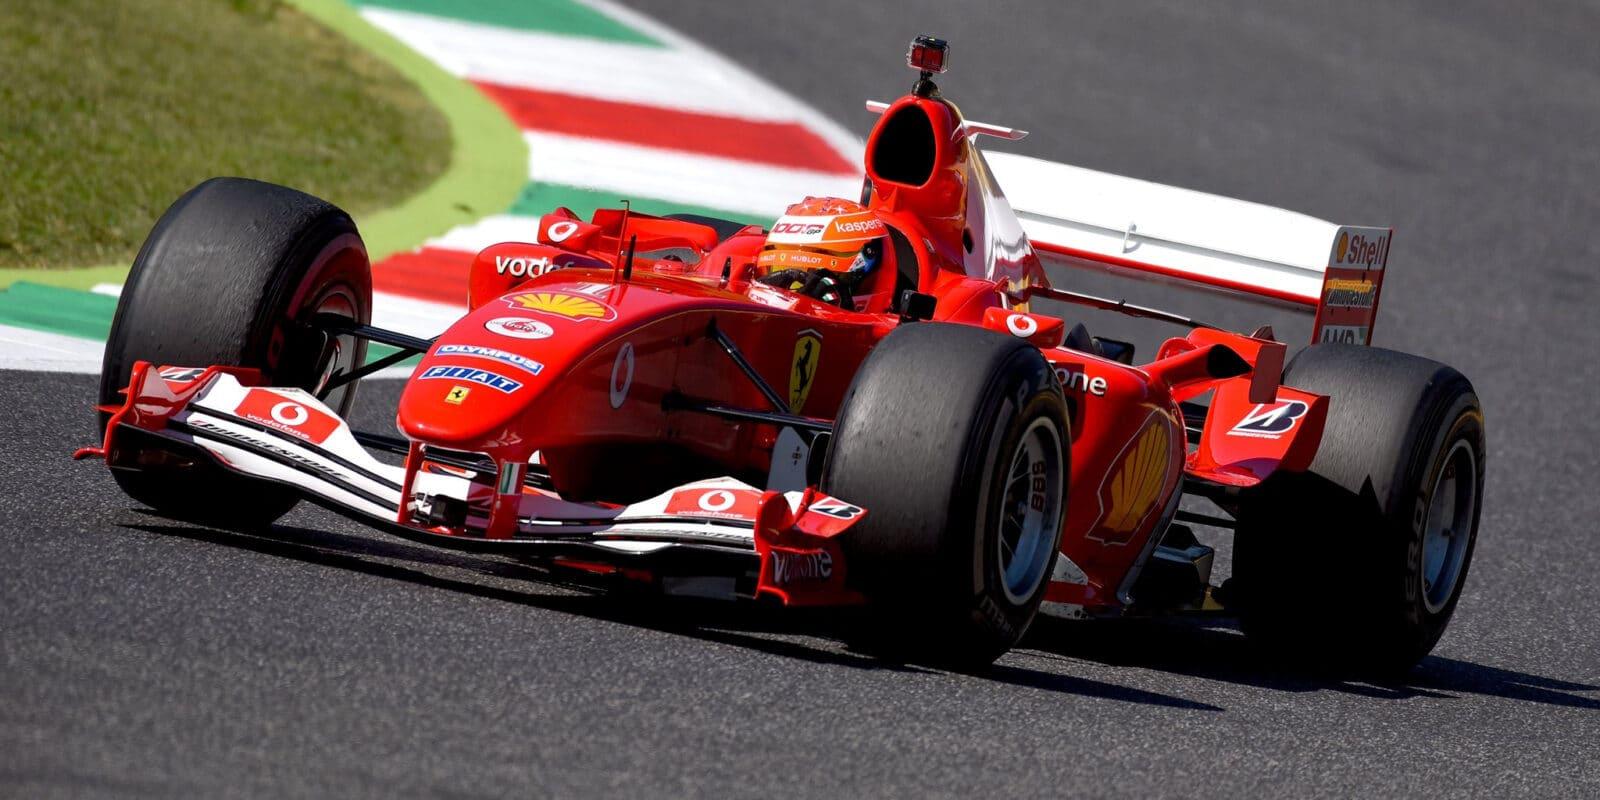 Mick Schumacher porovnal rozdíly mezi F2004 a SF71H